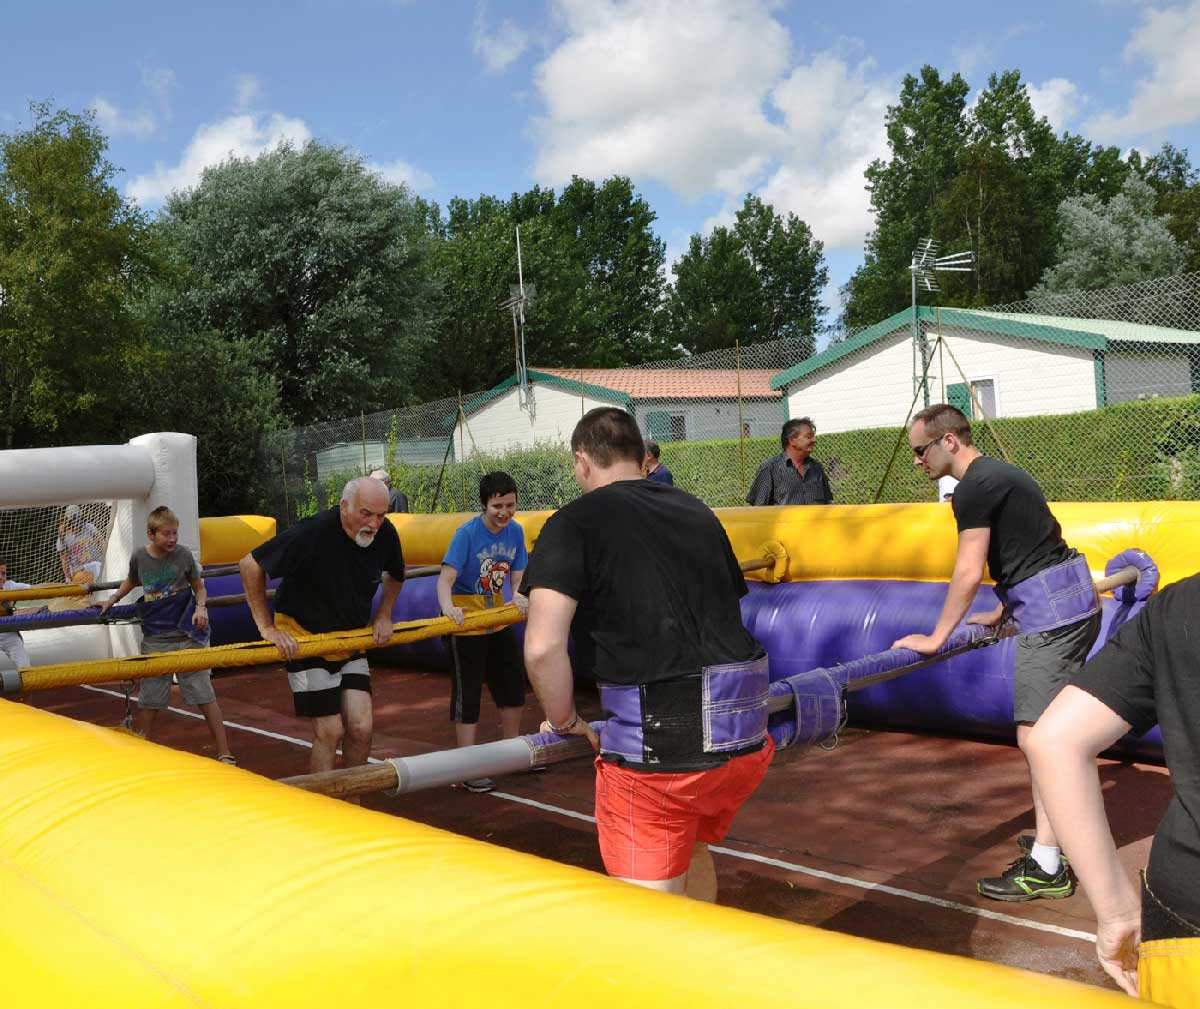 Cing rang du fliers avec piscine 28 images mobil home for Camping pas de calais avec piscine